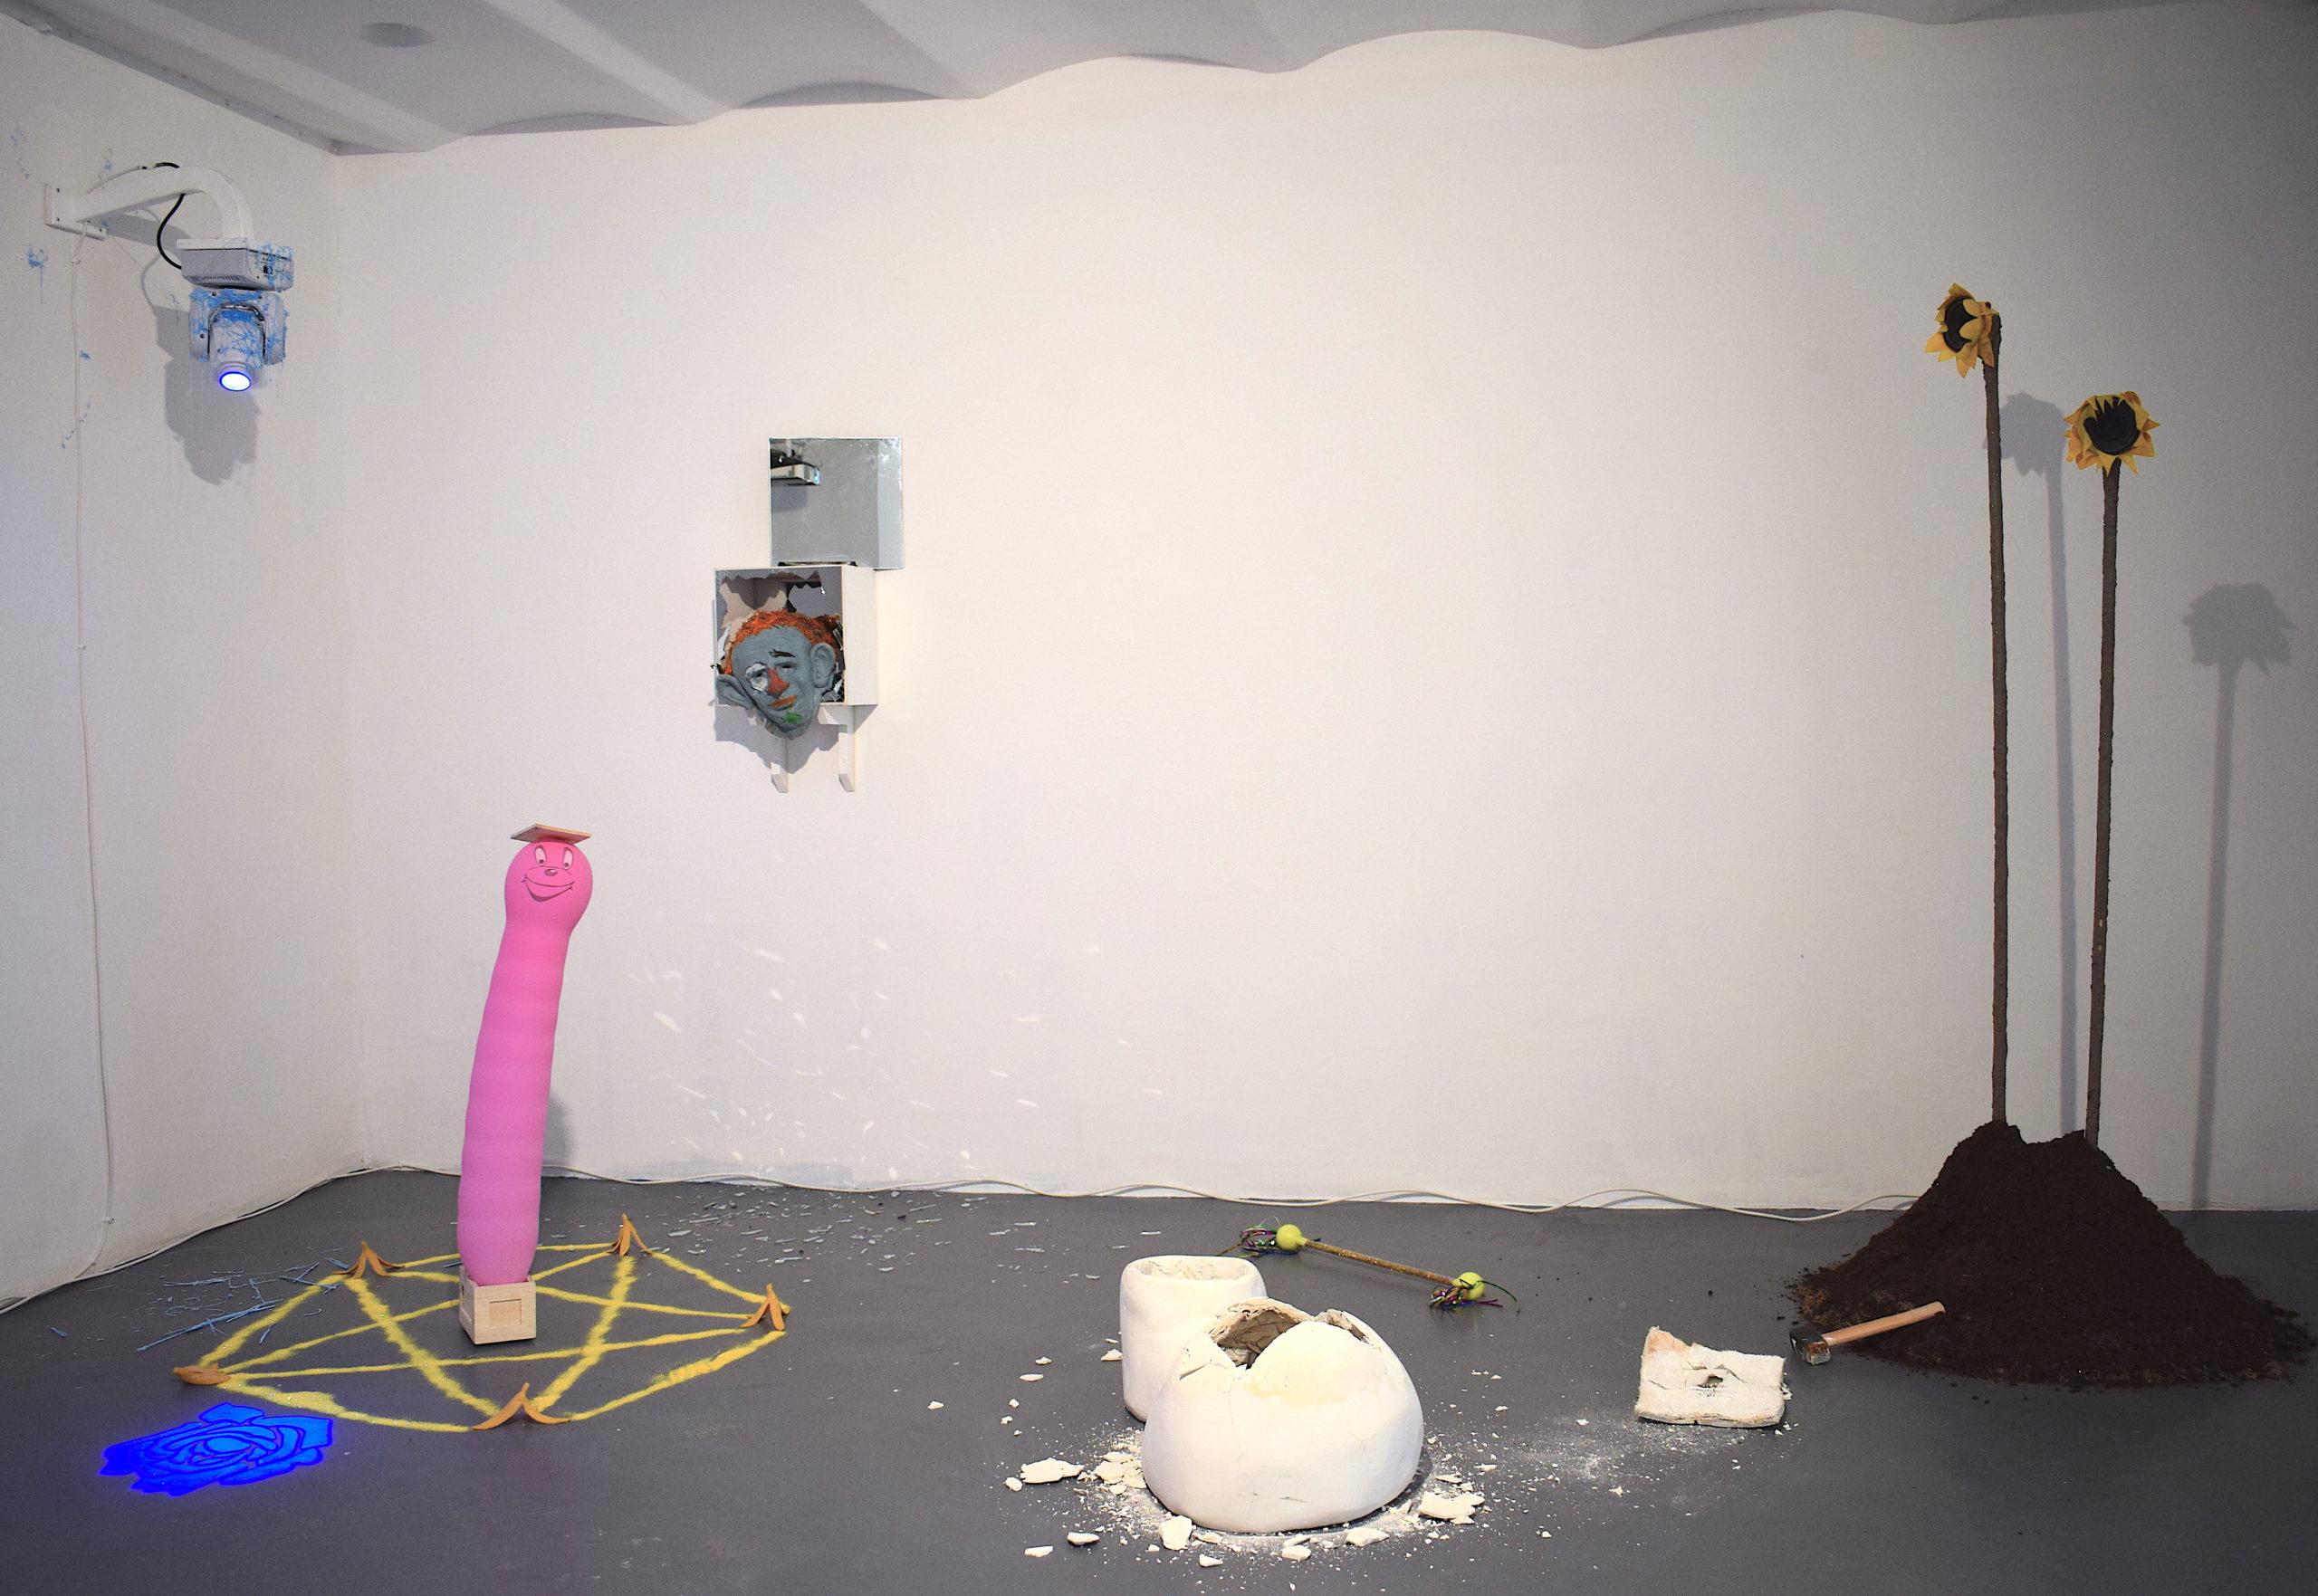 Julien Carpentier, La Petite Torpille Esthétique, 2020, partie 3, Installation zbeulifiée